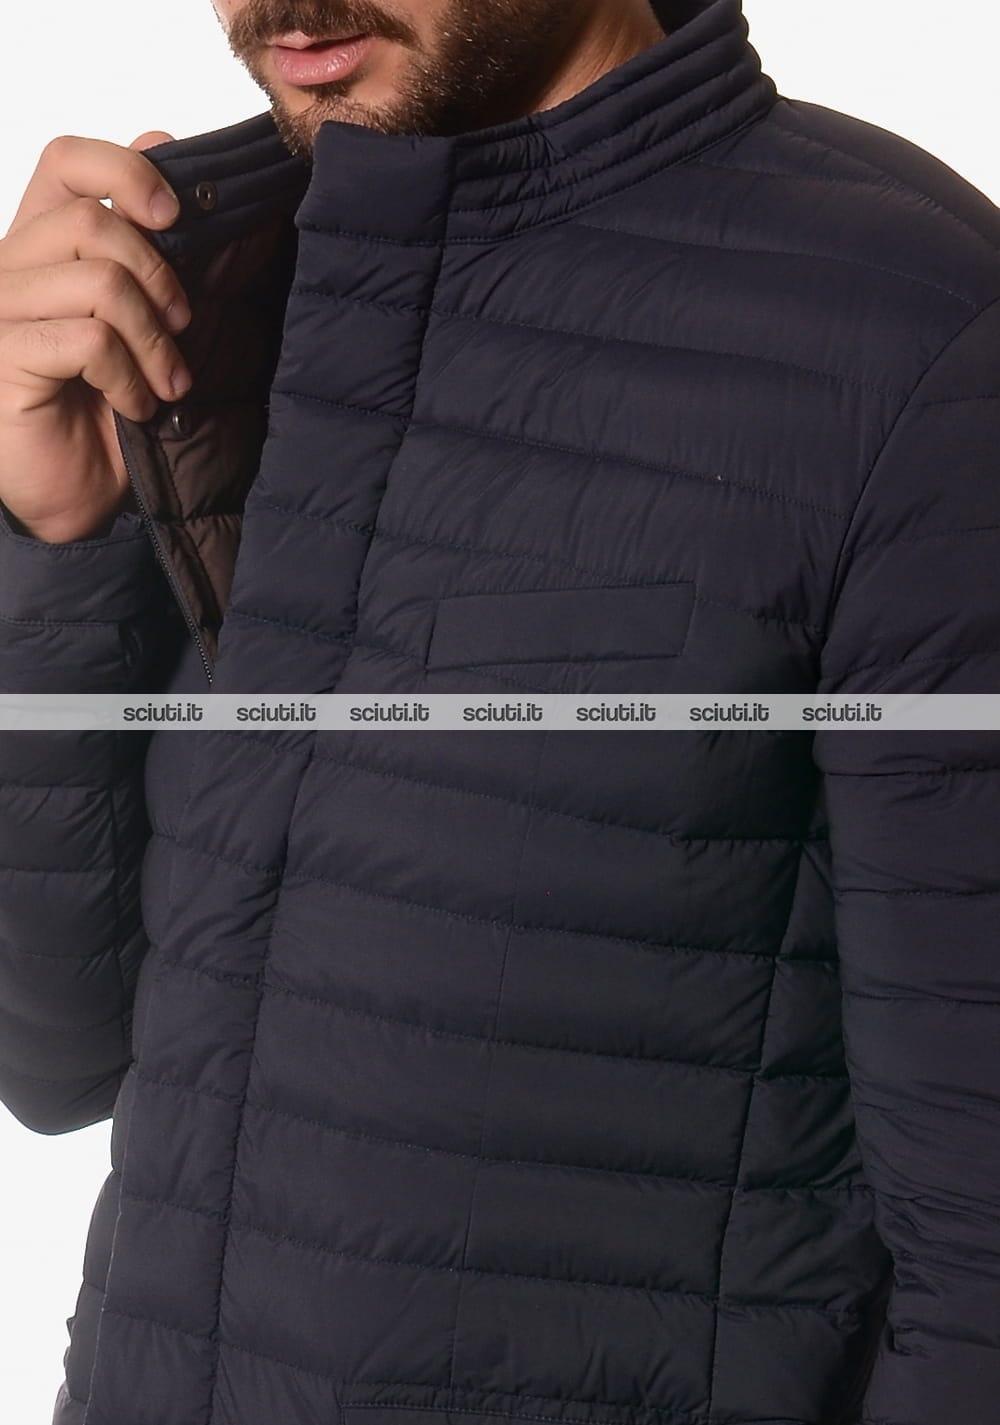 new style 1aad6 c606d Giubbotto Ciesse uomo Bob senza cappuccio blu scuro | Sciuti.it